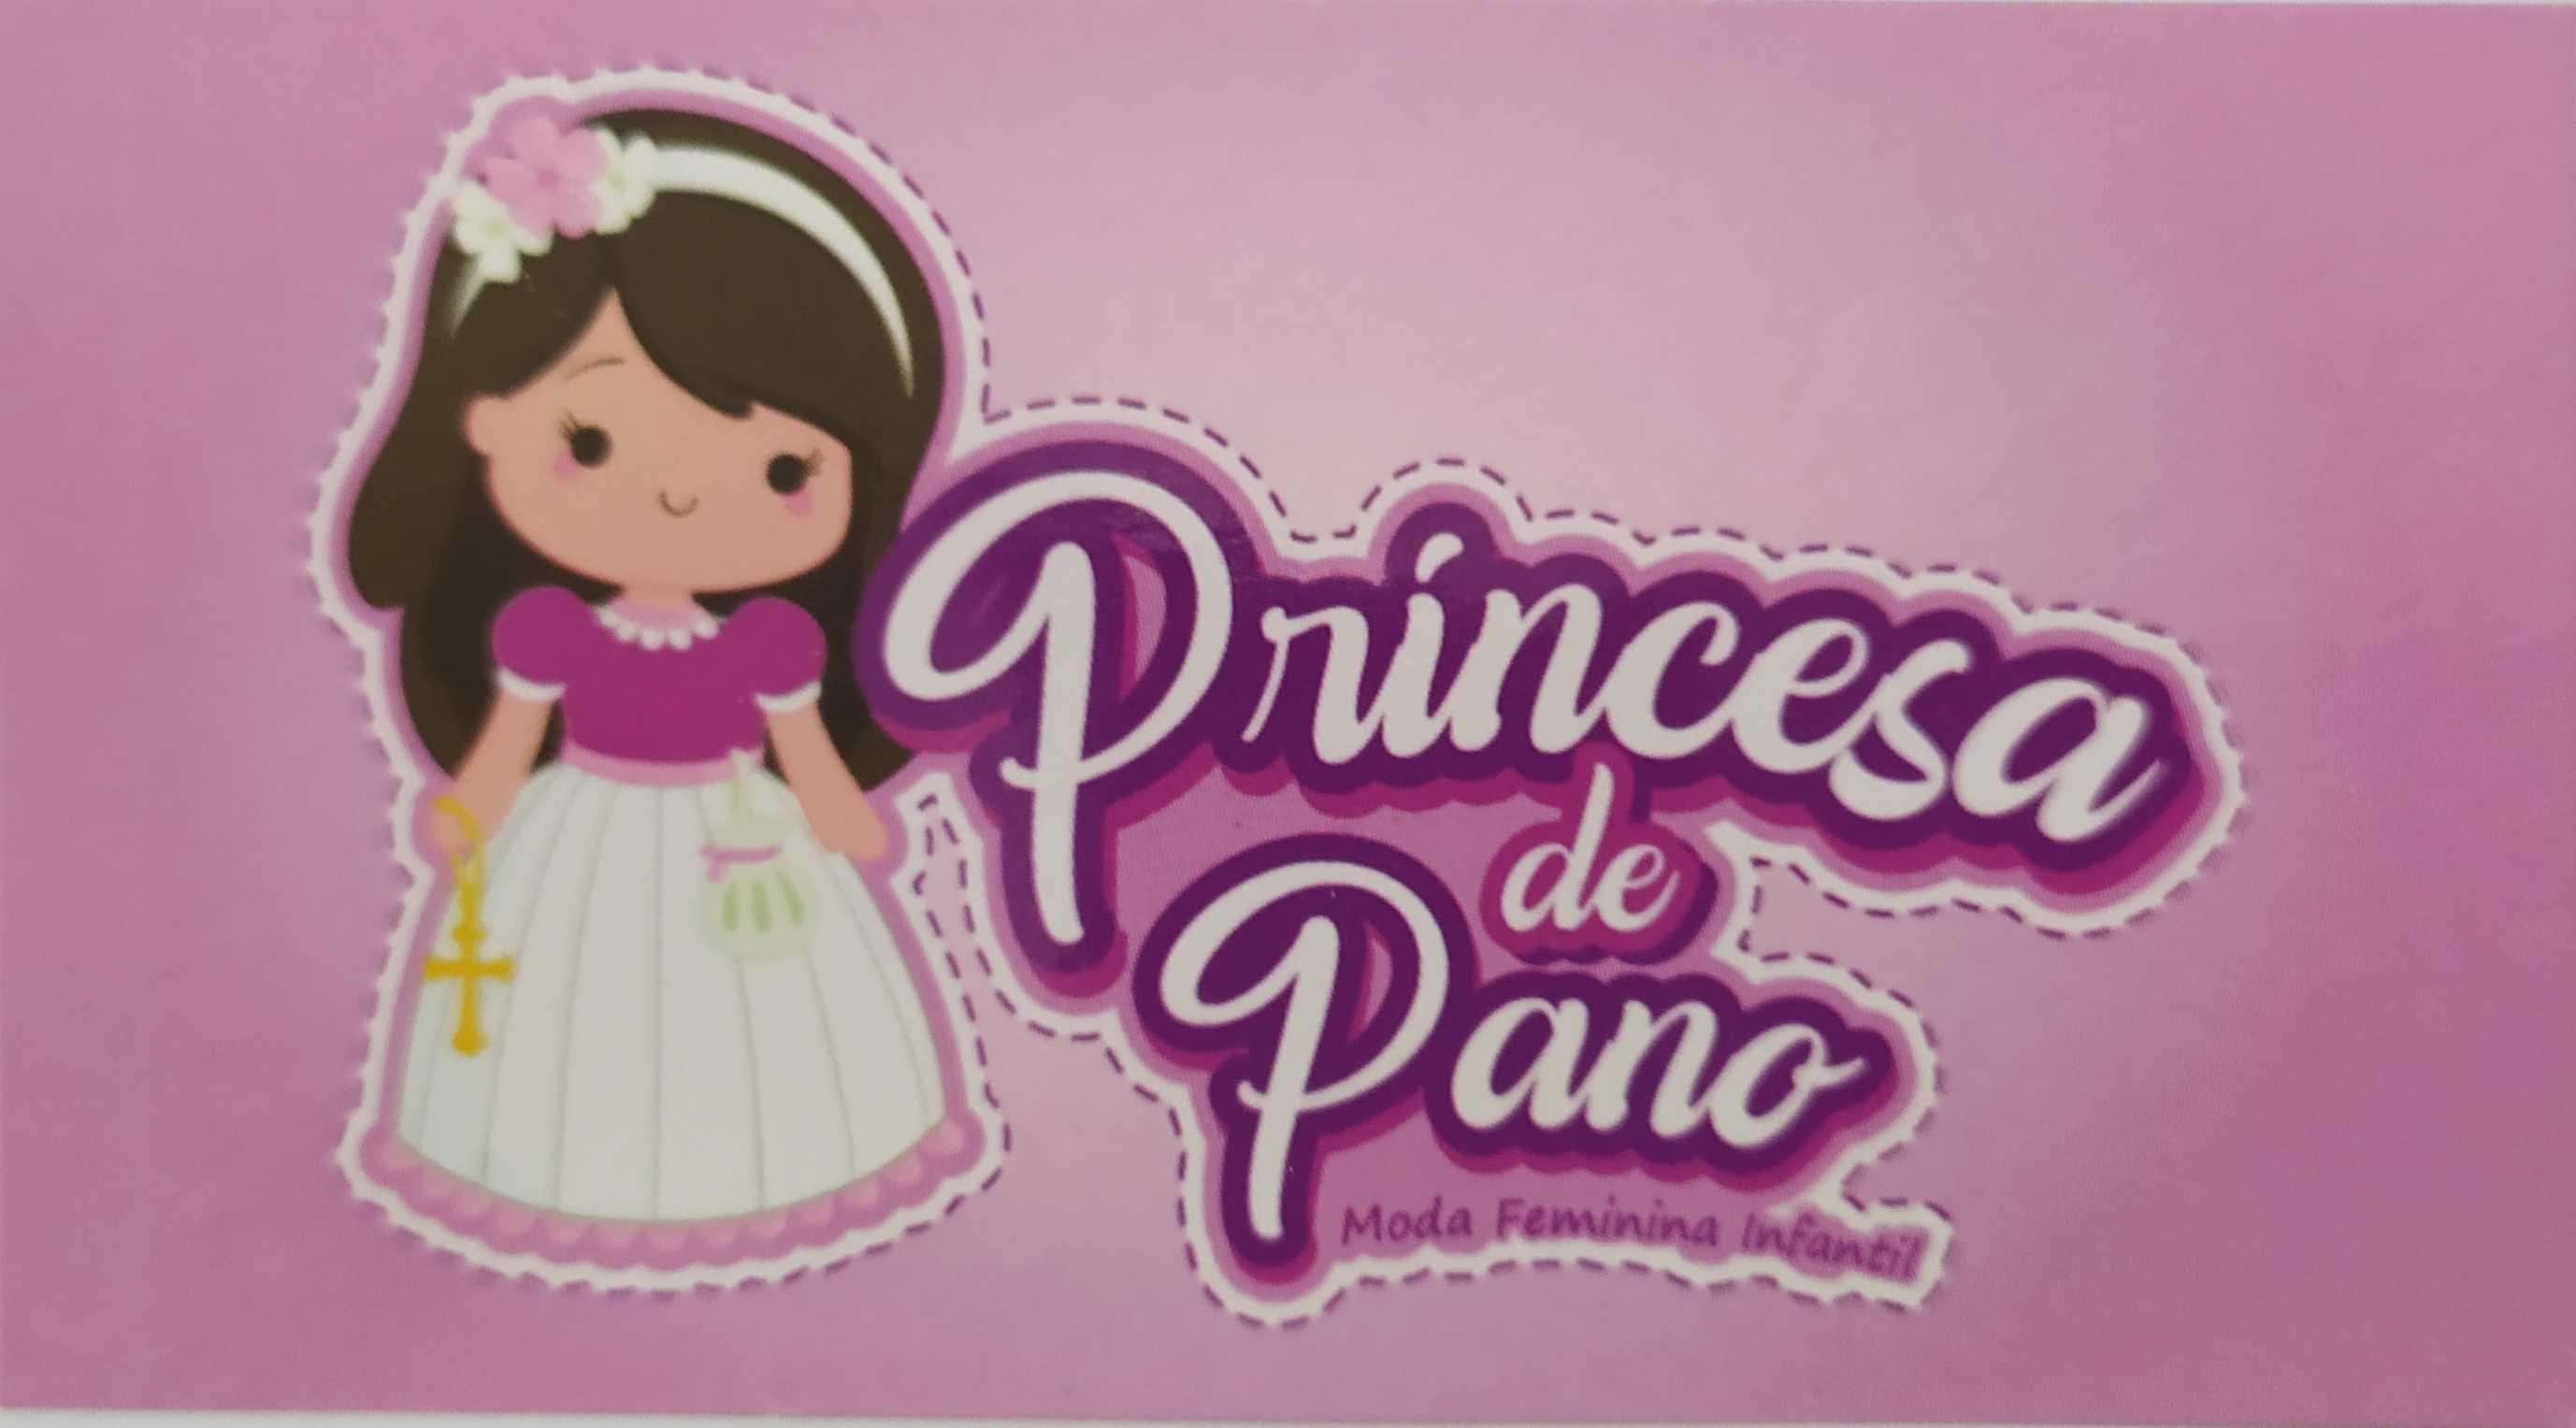 Princesa de Pano